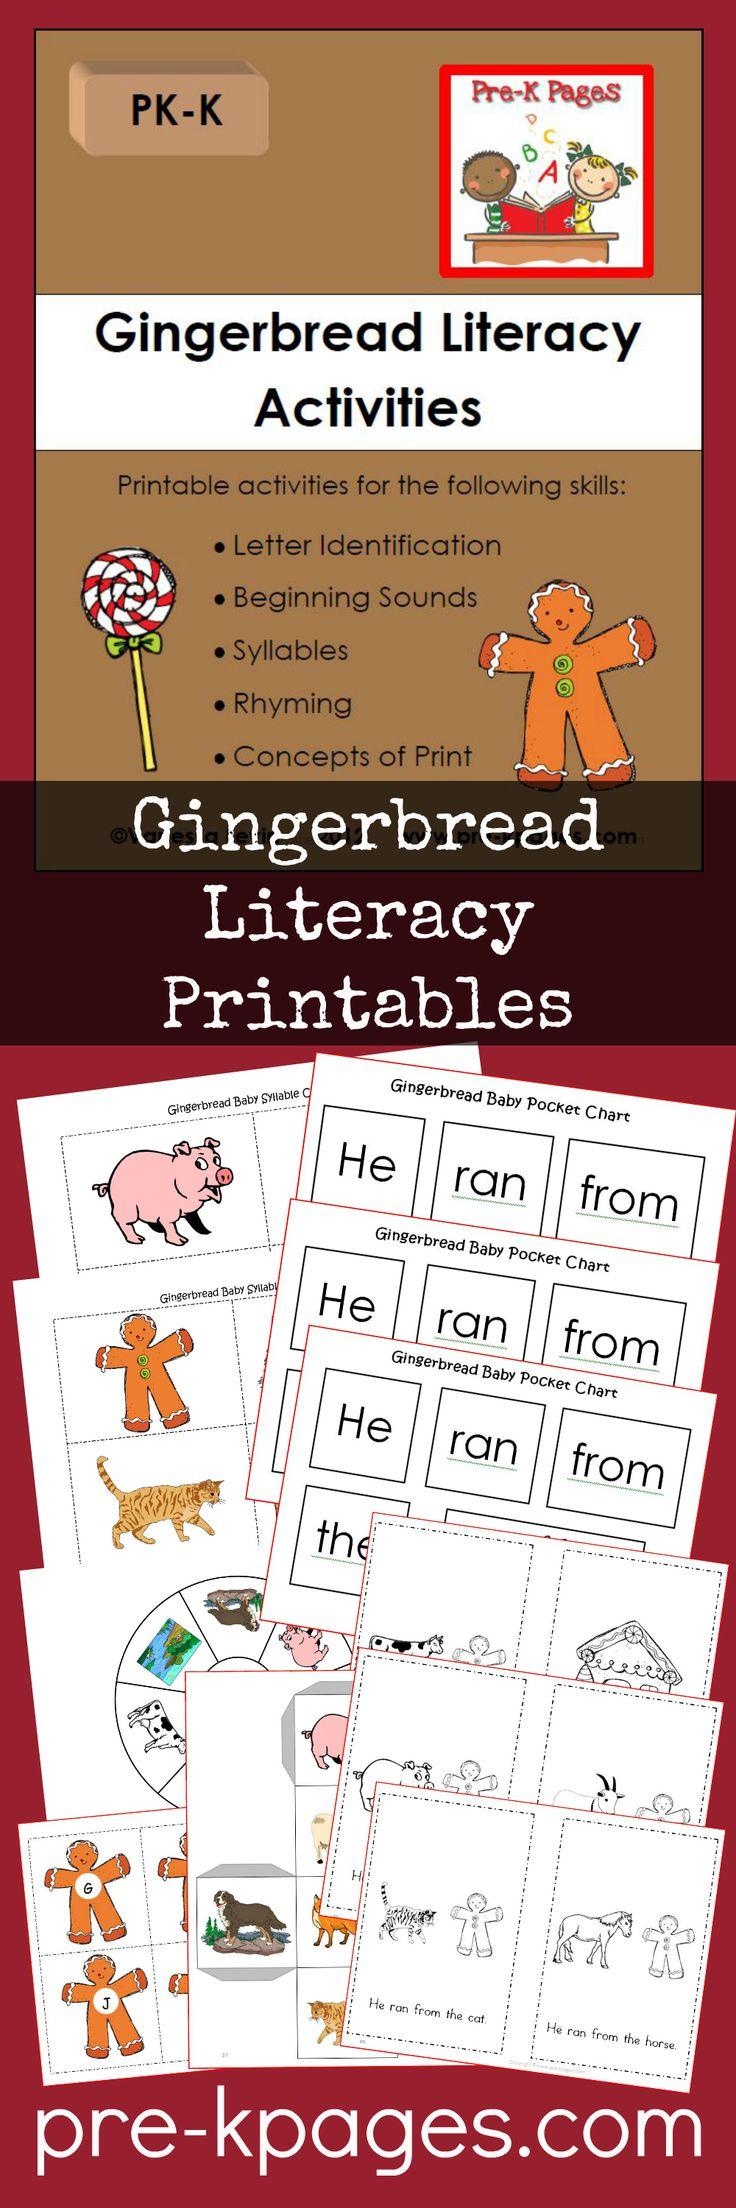 Printable Gingerbread Literacy Activities for Preschool and Kindergarten